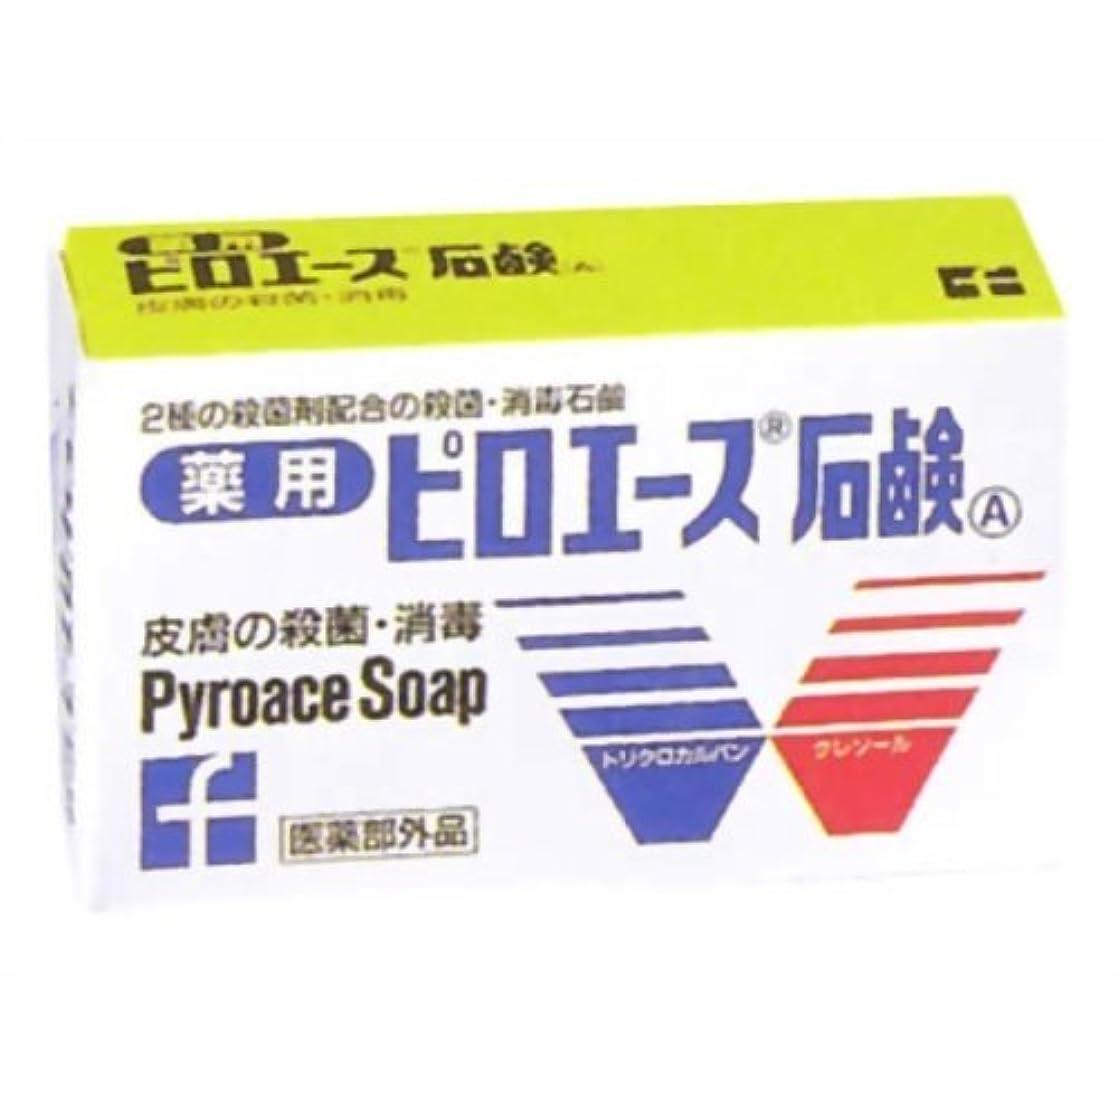 強制トレイルシュリンク【第一三共ヘルスケア】ピロエース石鹸 70g